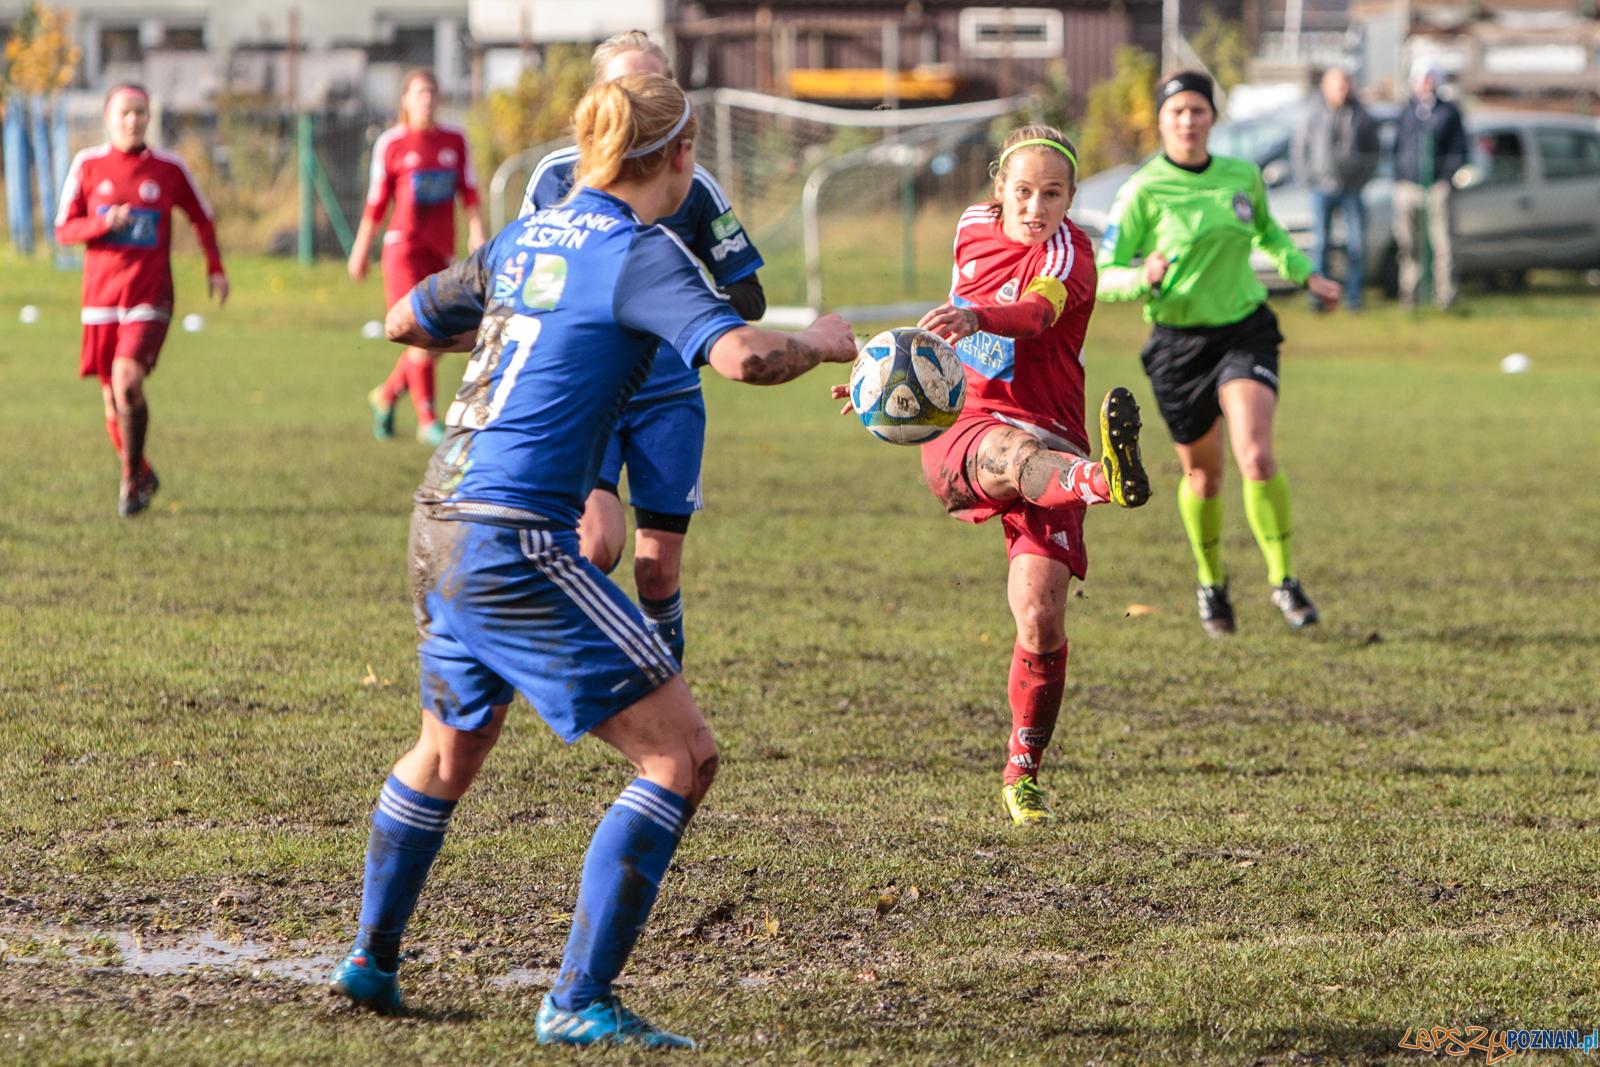 Piłka nożna 1 liga: Polonia Poznań vs Stomilanki Olsztyn 2:1  Foto: LepszyPOZNAN.pl / Paweł Rychter